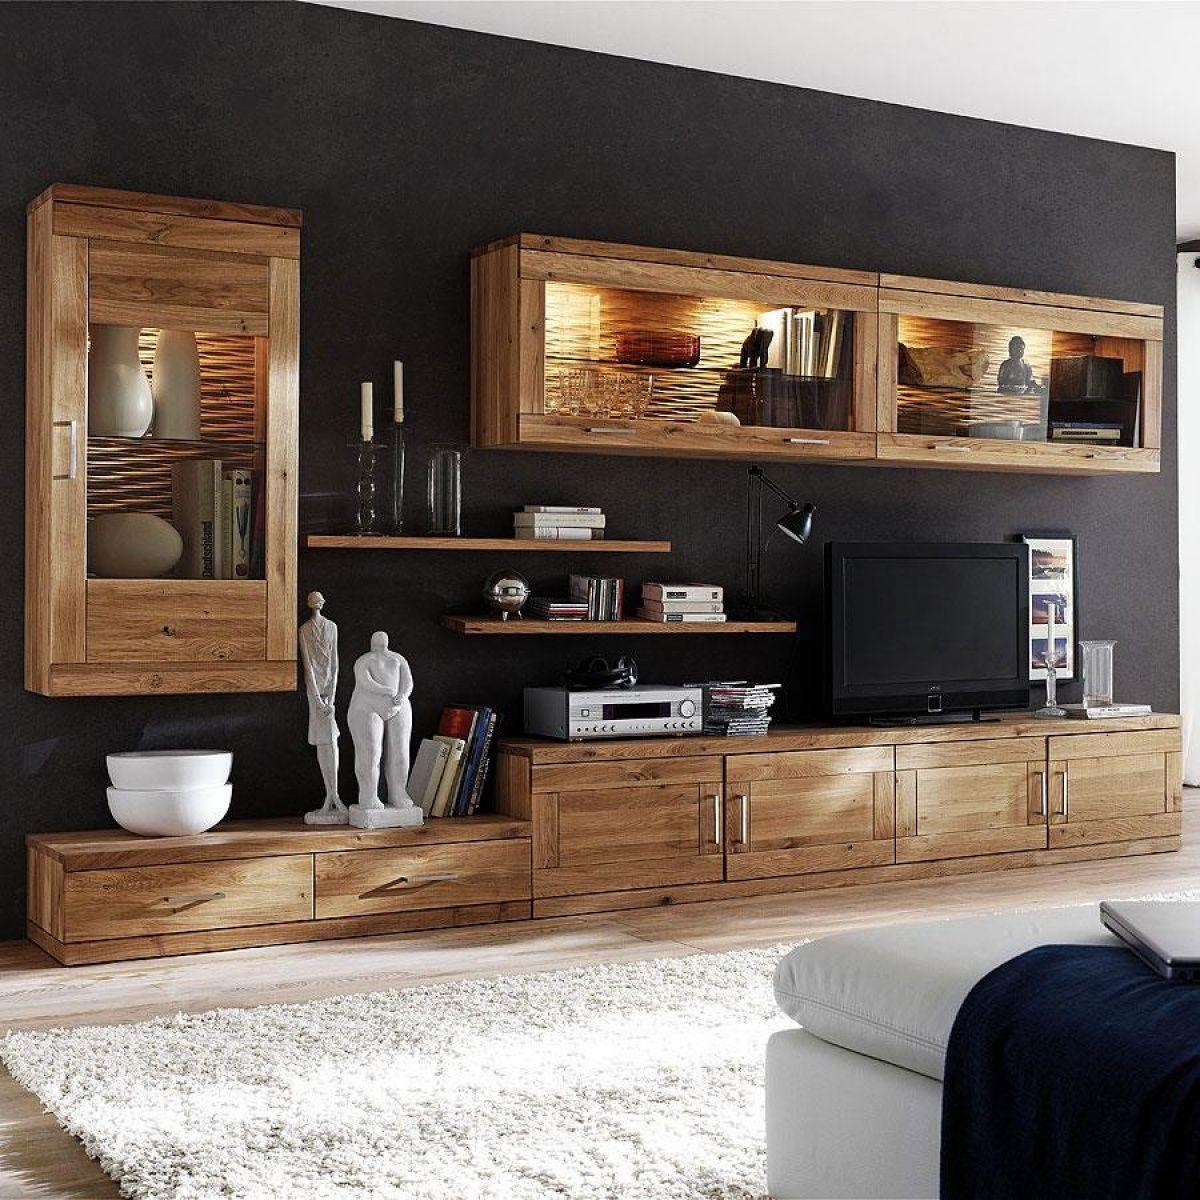 massivholz wohnwand  Wohnen, Wohnzimmermöbel, Wohnwand